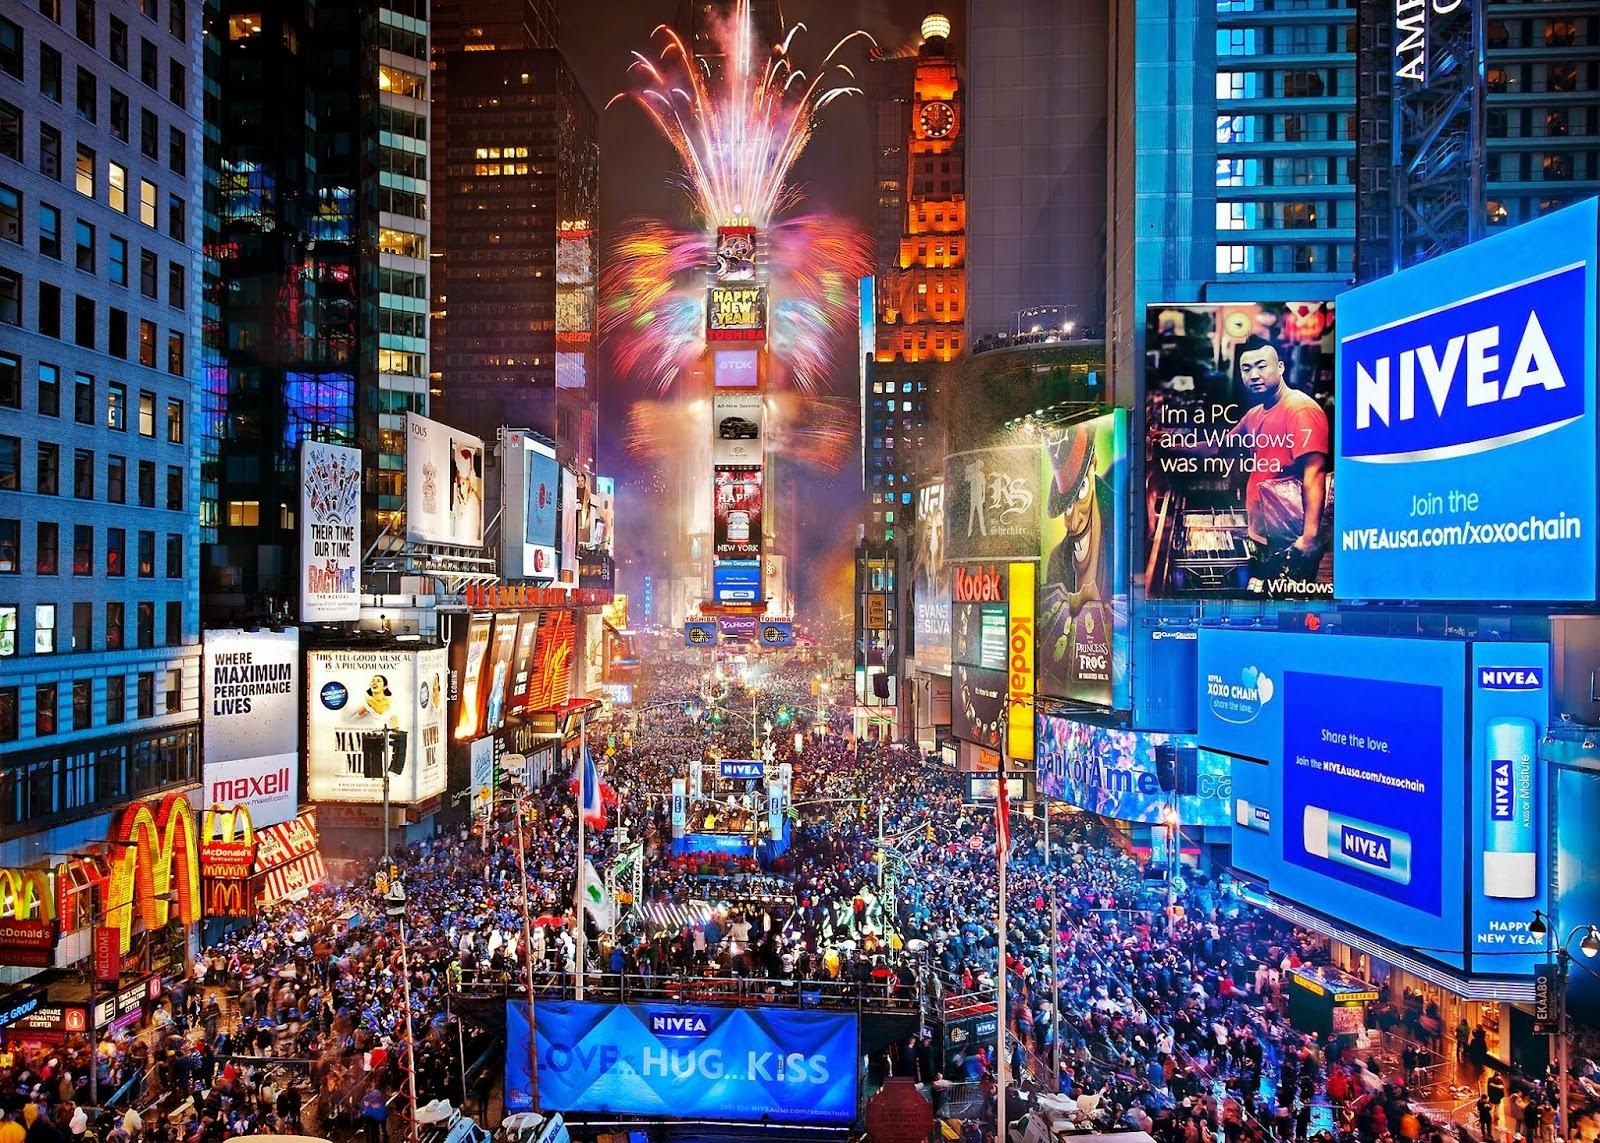 """Tết năm mới tại Mỹ Năm mới, người Mỹ thường đi thăm hỏi gia đình, họ hàng và bạn bè hoặc tổ chức ăn uống… Tuy nhiên, ngày đầu tiên của năm mới luôn là một ngày khá tĩnh lặng với nhiều người Mỹ. Họ thường ở nhà bên người thân suốt cả ngày. Vào đêm 31/12, hàng nghìn người Mỹ tập trung ở Quảng trường Thời Đại (Times Square). Họ đứng sát bên nhau cùng đón chờ khoảnh khắc đầu tiên của năm mới. Khi mọi người cùng hô to đến giây cuối cùng cũng là lúc một quả cầu thuỷ tinh đẹp mê hồn rơi xuống. Lúc quả cầu chạm đất là thời khắc mọi người hô vang lời chúc mừng năm mới: """"Happy New Year!"""" và đồng thanh cất lên những giai điệu tuyệt vời của bài hát truyền thống """" Auld Lang Syne"""", tung những mảnh giấy nhiều màu sắc lên trời. Lễ đón năm mới truyền thống ở đây bắt đầu từ năm 1904. Năm đó, chủ nhân của toà nhà Số 1 trên Quảng trường Thời Đại đã tổ chức một bữa tiệc trên đỉnh của toà nhà này. Hiện nay, nóc của toà nhà vẫn được chọn làm điểm đặt quả cầu thuỷ tinh. Nó chứa hàng nghìn mảnh thuỷ tinh tượng trưng cho những vì sao đang cháy sáng xuyên qua bóng đêm của năm cũ. Rất nhiều người Mỹ đón mừng năm mới với những bữa tiệc tổ chức tại gia đình hay tập trung ăn uống ở những điểm công cộng. Khi chuông đồng hồ điểm đúng 12h đêm, họ ôm hôn nhau, nhảy múa theo những điệu nhạc vui vẻ và cụng ly chúc nhau những điều tốt đẹp nhất. Điều thú vị là ở chỗ có nhiều người mặc trang phục và ăn những đồ ăn đặc biệt. Những người mong muốn tìm thấy tình yêu thực sự thường chọn những bộ đồ màu vàng còn những người hy vọng kiếm được nhiều tiền thì mặc trang phục màu bạc. Có những người khác lại đón chào năm mới bằng những bữa ăn ngon. Song có một điểm mà không phải ai cũng biết là họ ăn bắp cải với hy vọng nó sẽ mang đến cho mình… may mắn và tiền bạc. Ở miền nam, bữa ăn truyền thống trong năm mới gồm đậu, hành, gạo, thịt lợn muối xông khói…"""